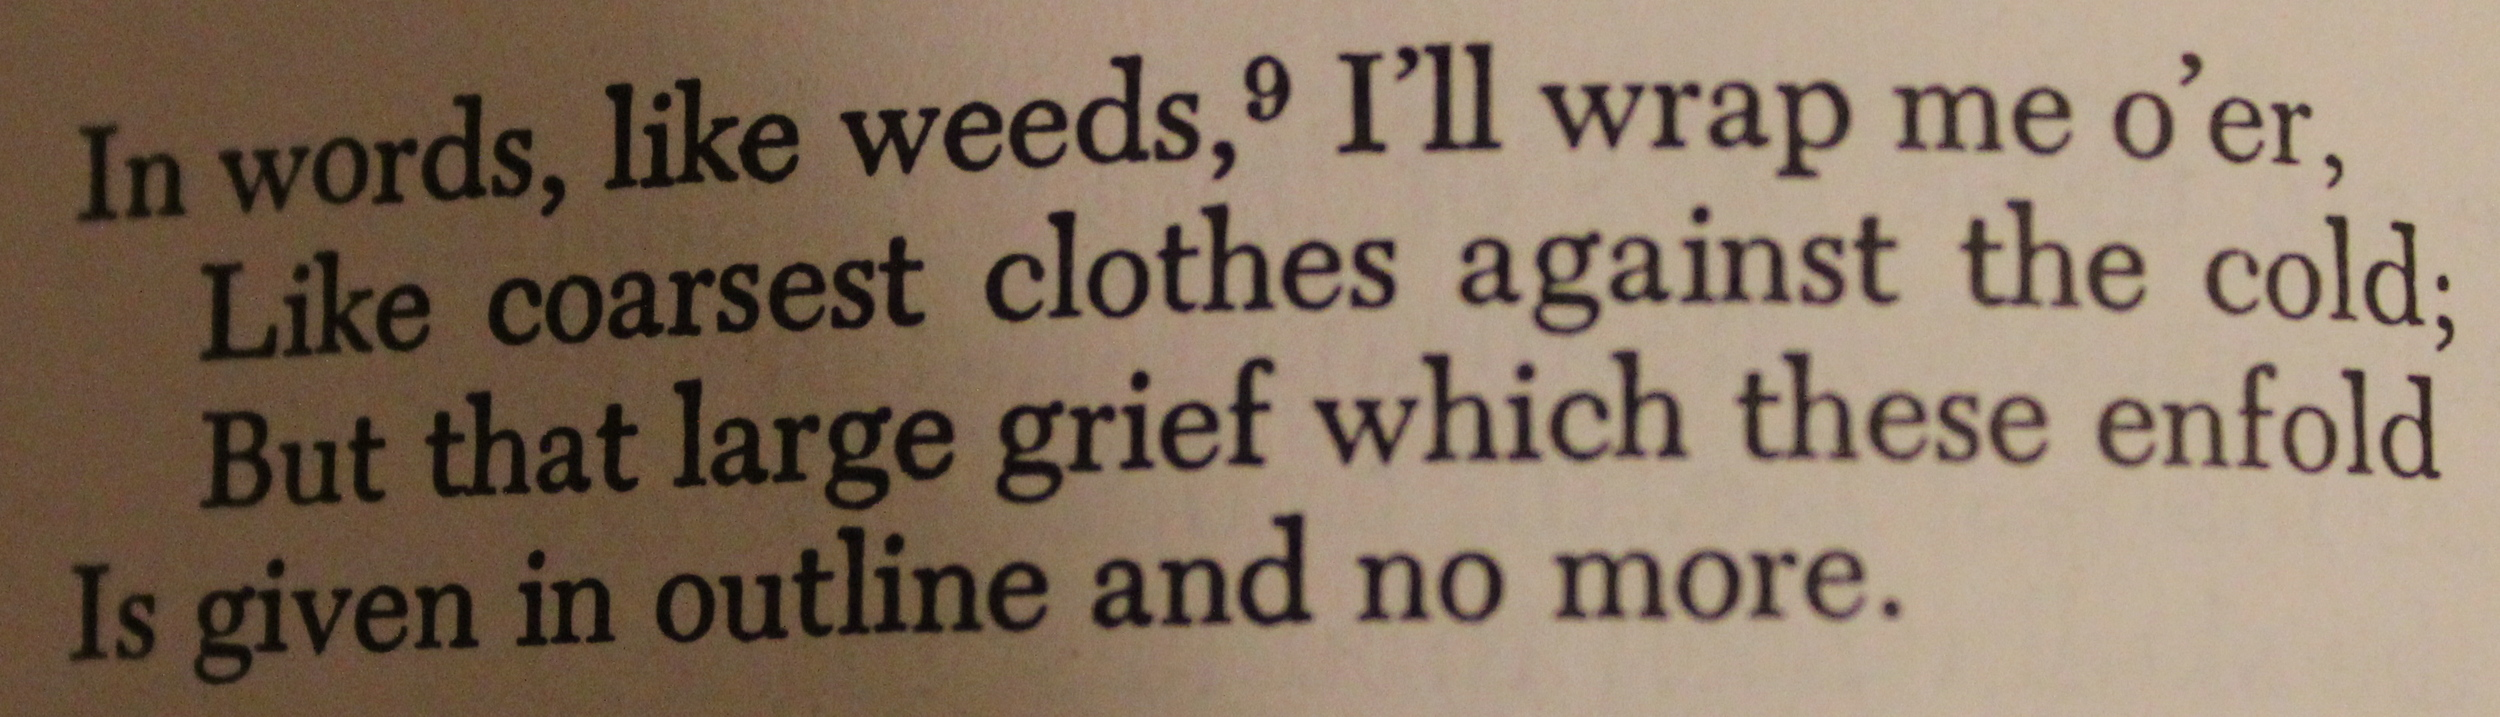 In words, like weeds, I'll wrap me o'er.JPG